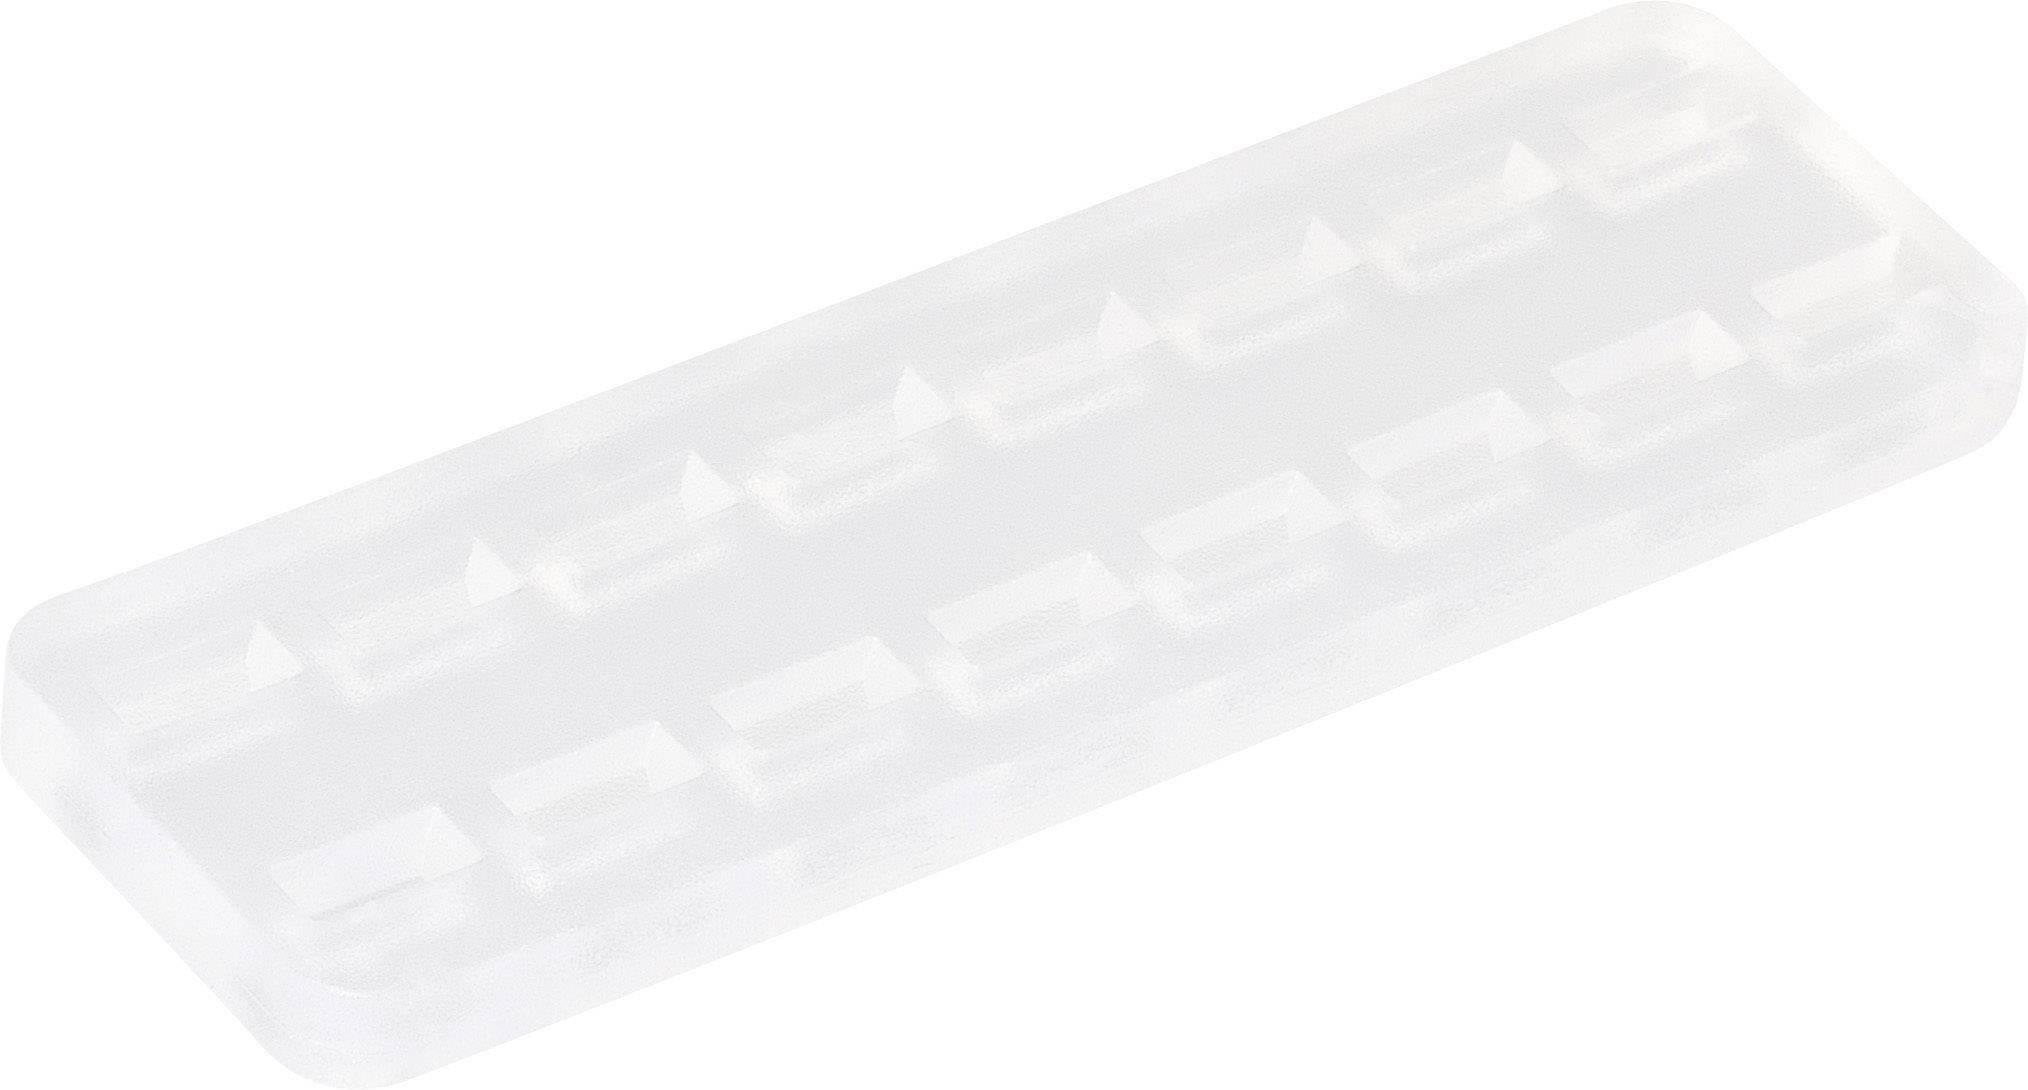 Těsnění pro J-P-T pouzdro TE Connectivity J-P-T (963222-1), přírodní